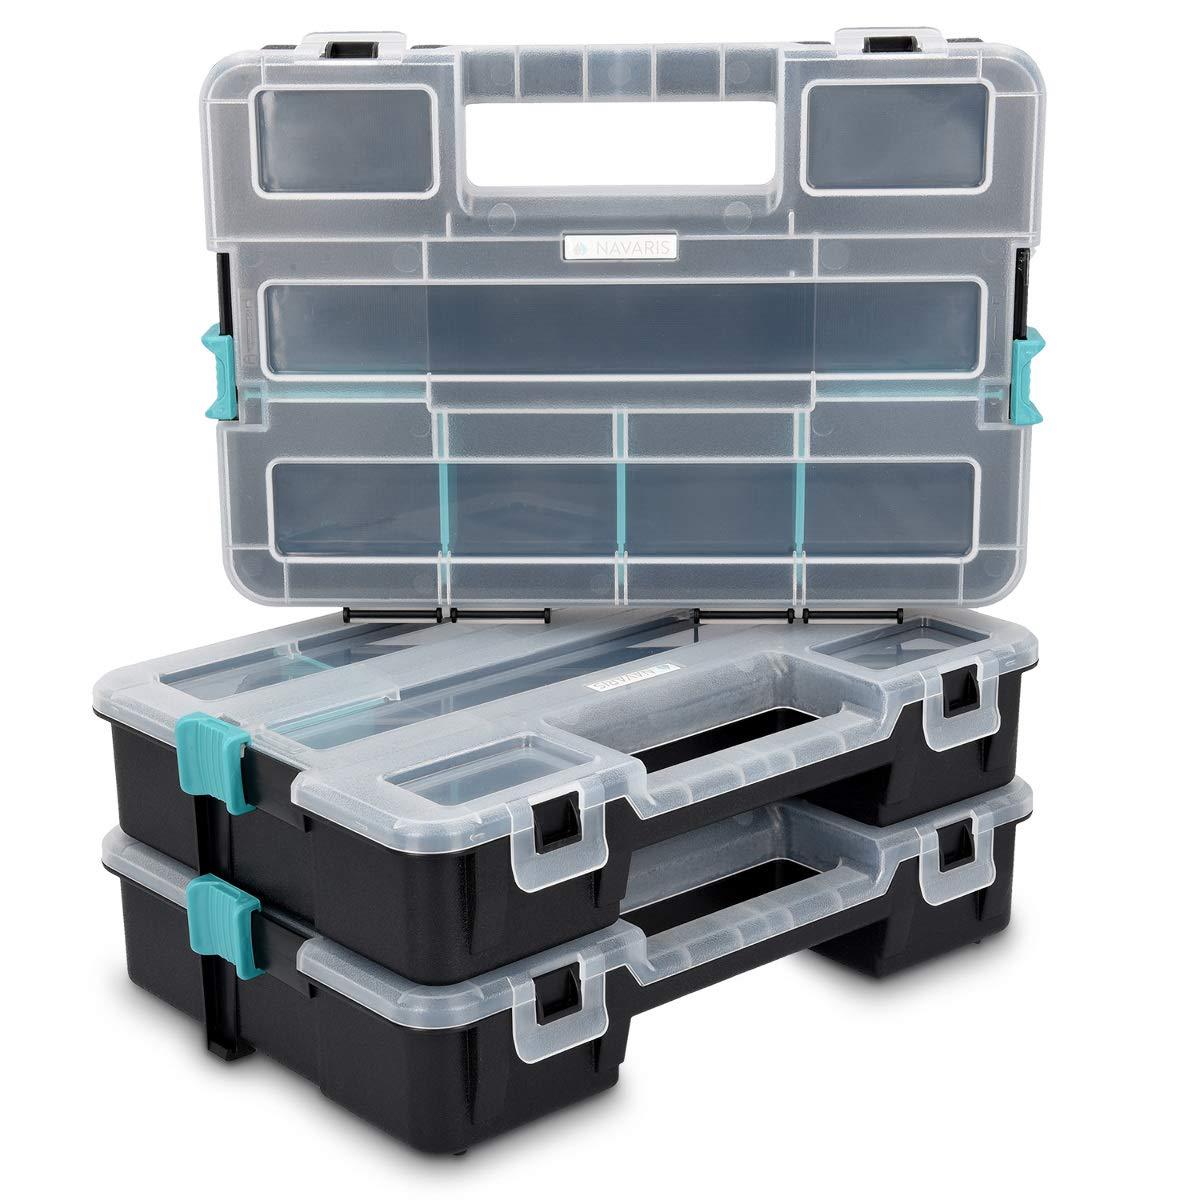 Navaris organizador de tornillos - Caja de almacenaje de plástico para bricolaje - Compartimentos de diferentes tamaños para almacenaje de tuercas: Amazon.es: Bricolaje y herramientas